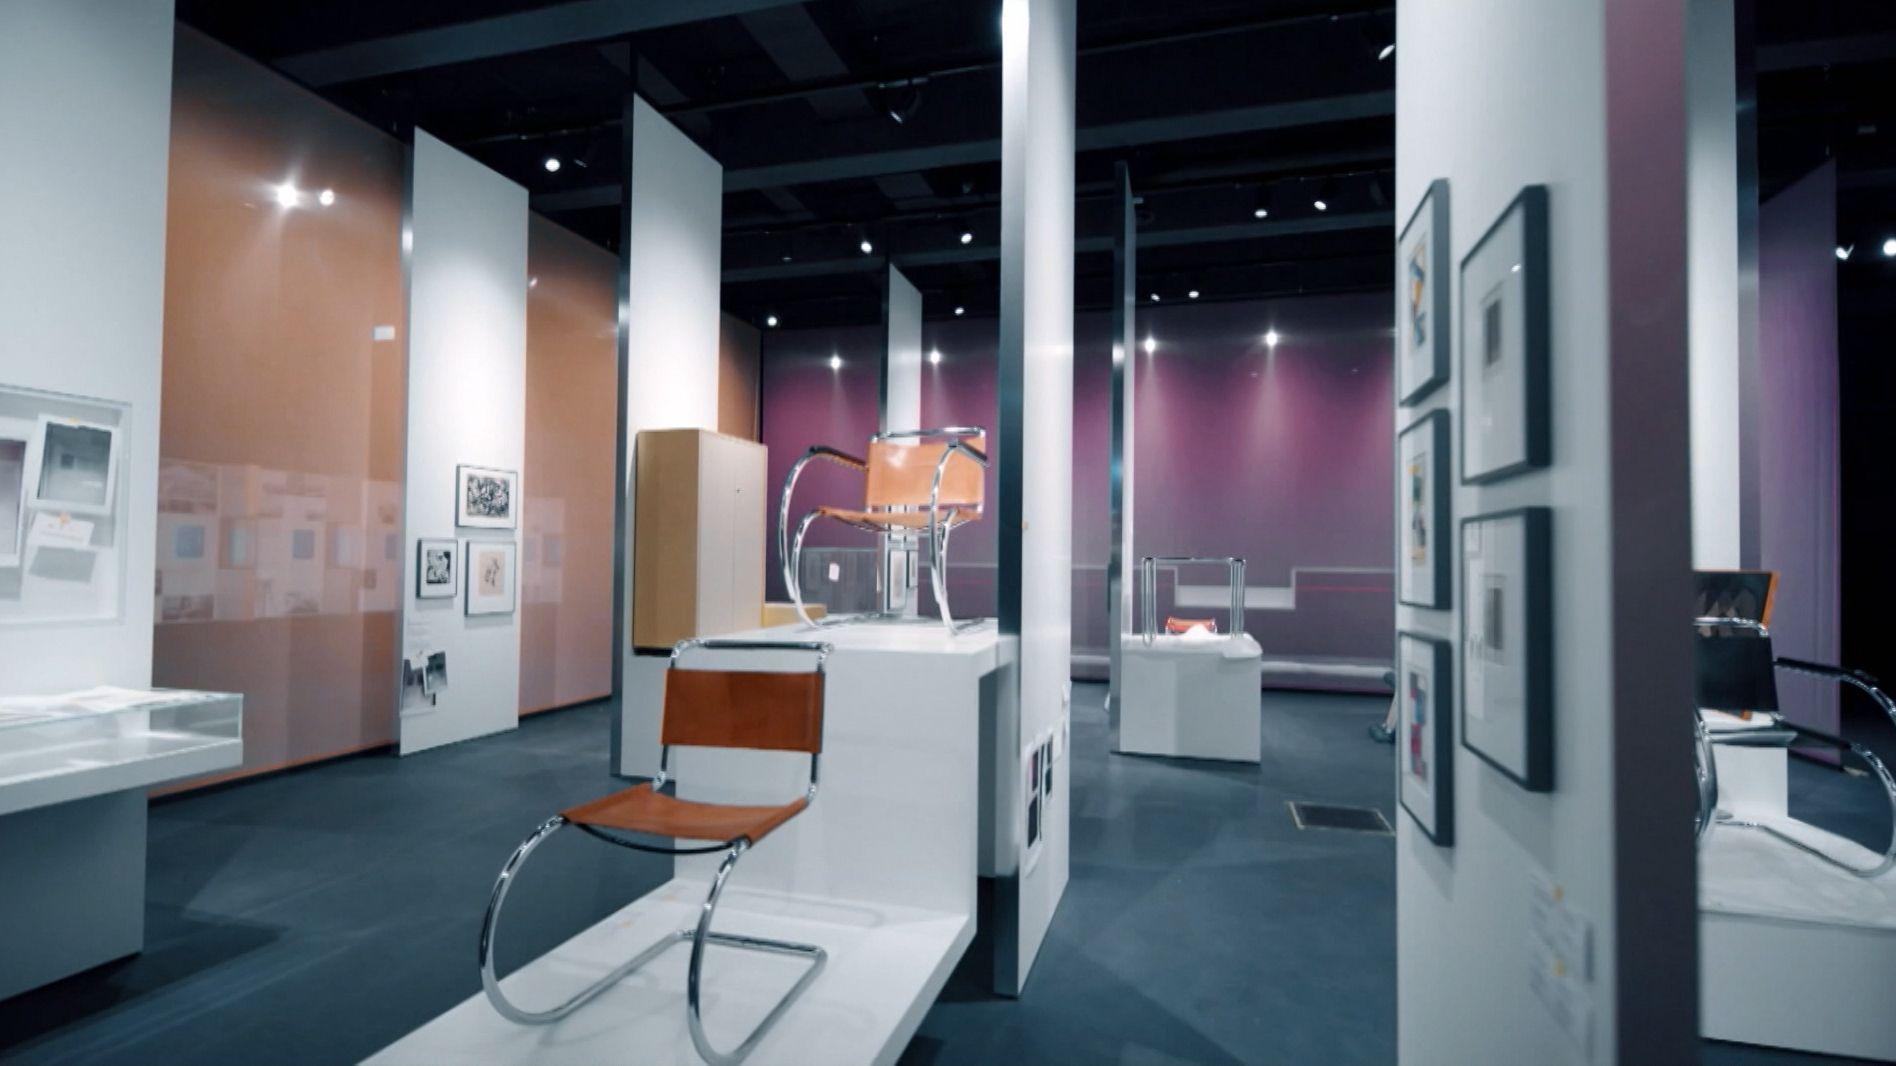 Eröffnung des Bauhaus-Museums in Dessau